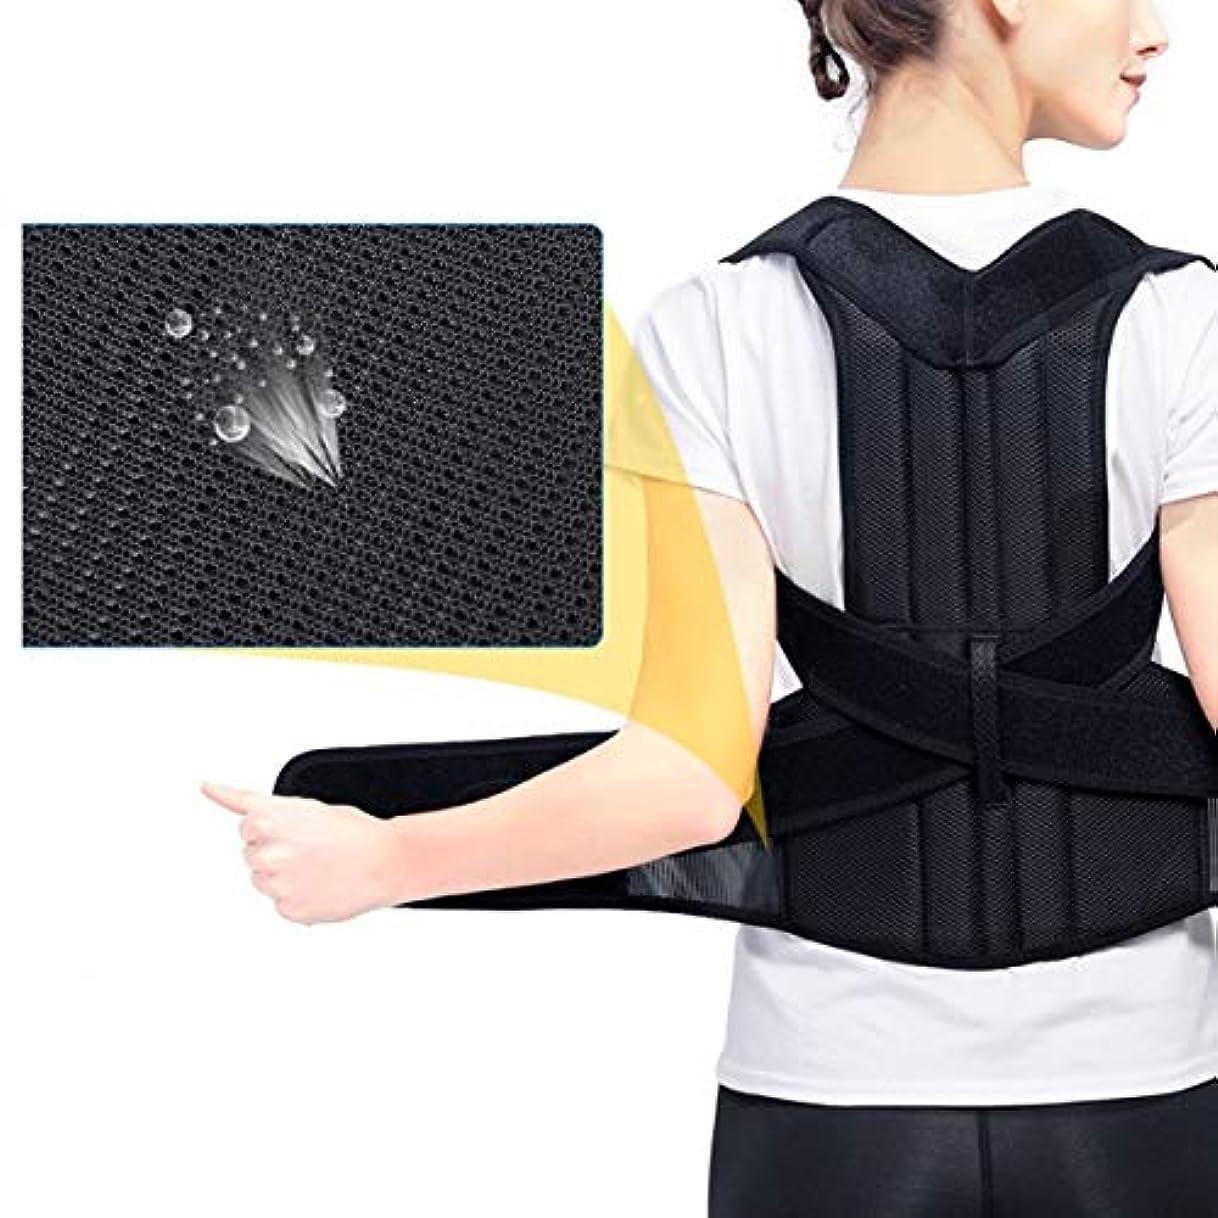 お世話になったポテト動作腰椎矯正バックブレース背骨装具側弯症腰椎サポート脊椎湾曲装具固定用姿勢 - 黒